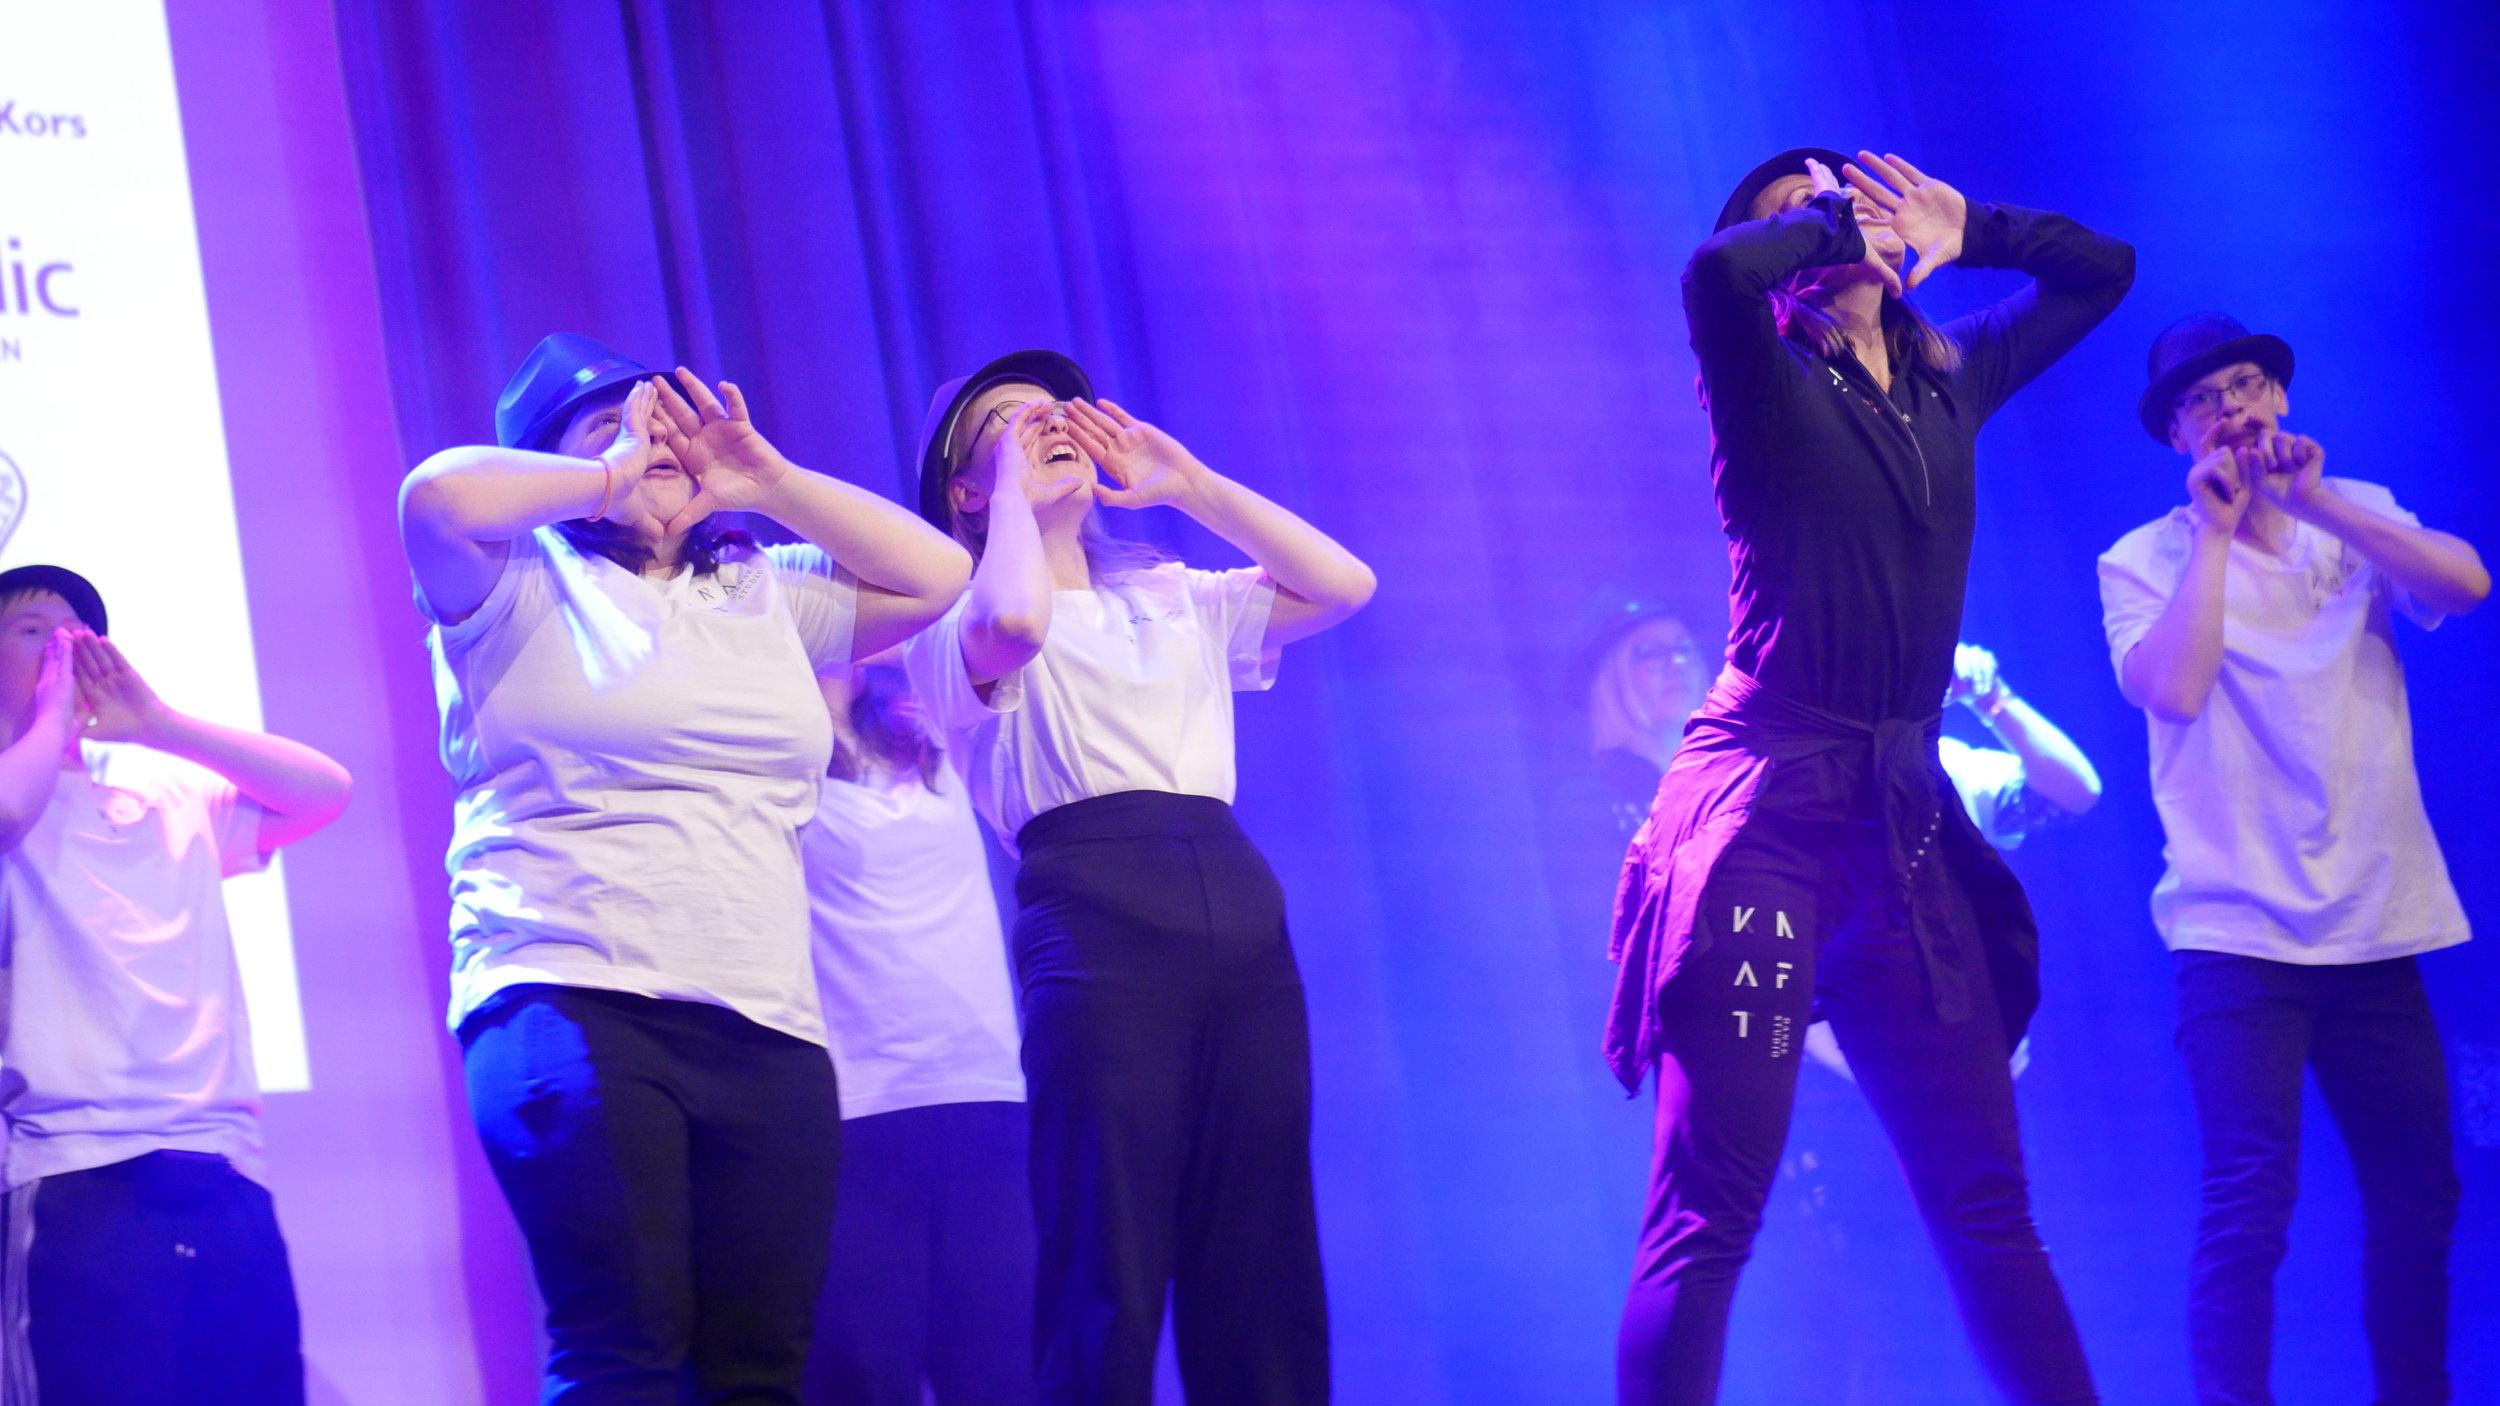 Fra opptreden under VAKU 2019i spektrum.  Foto: Henry Hatling